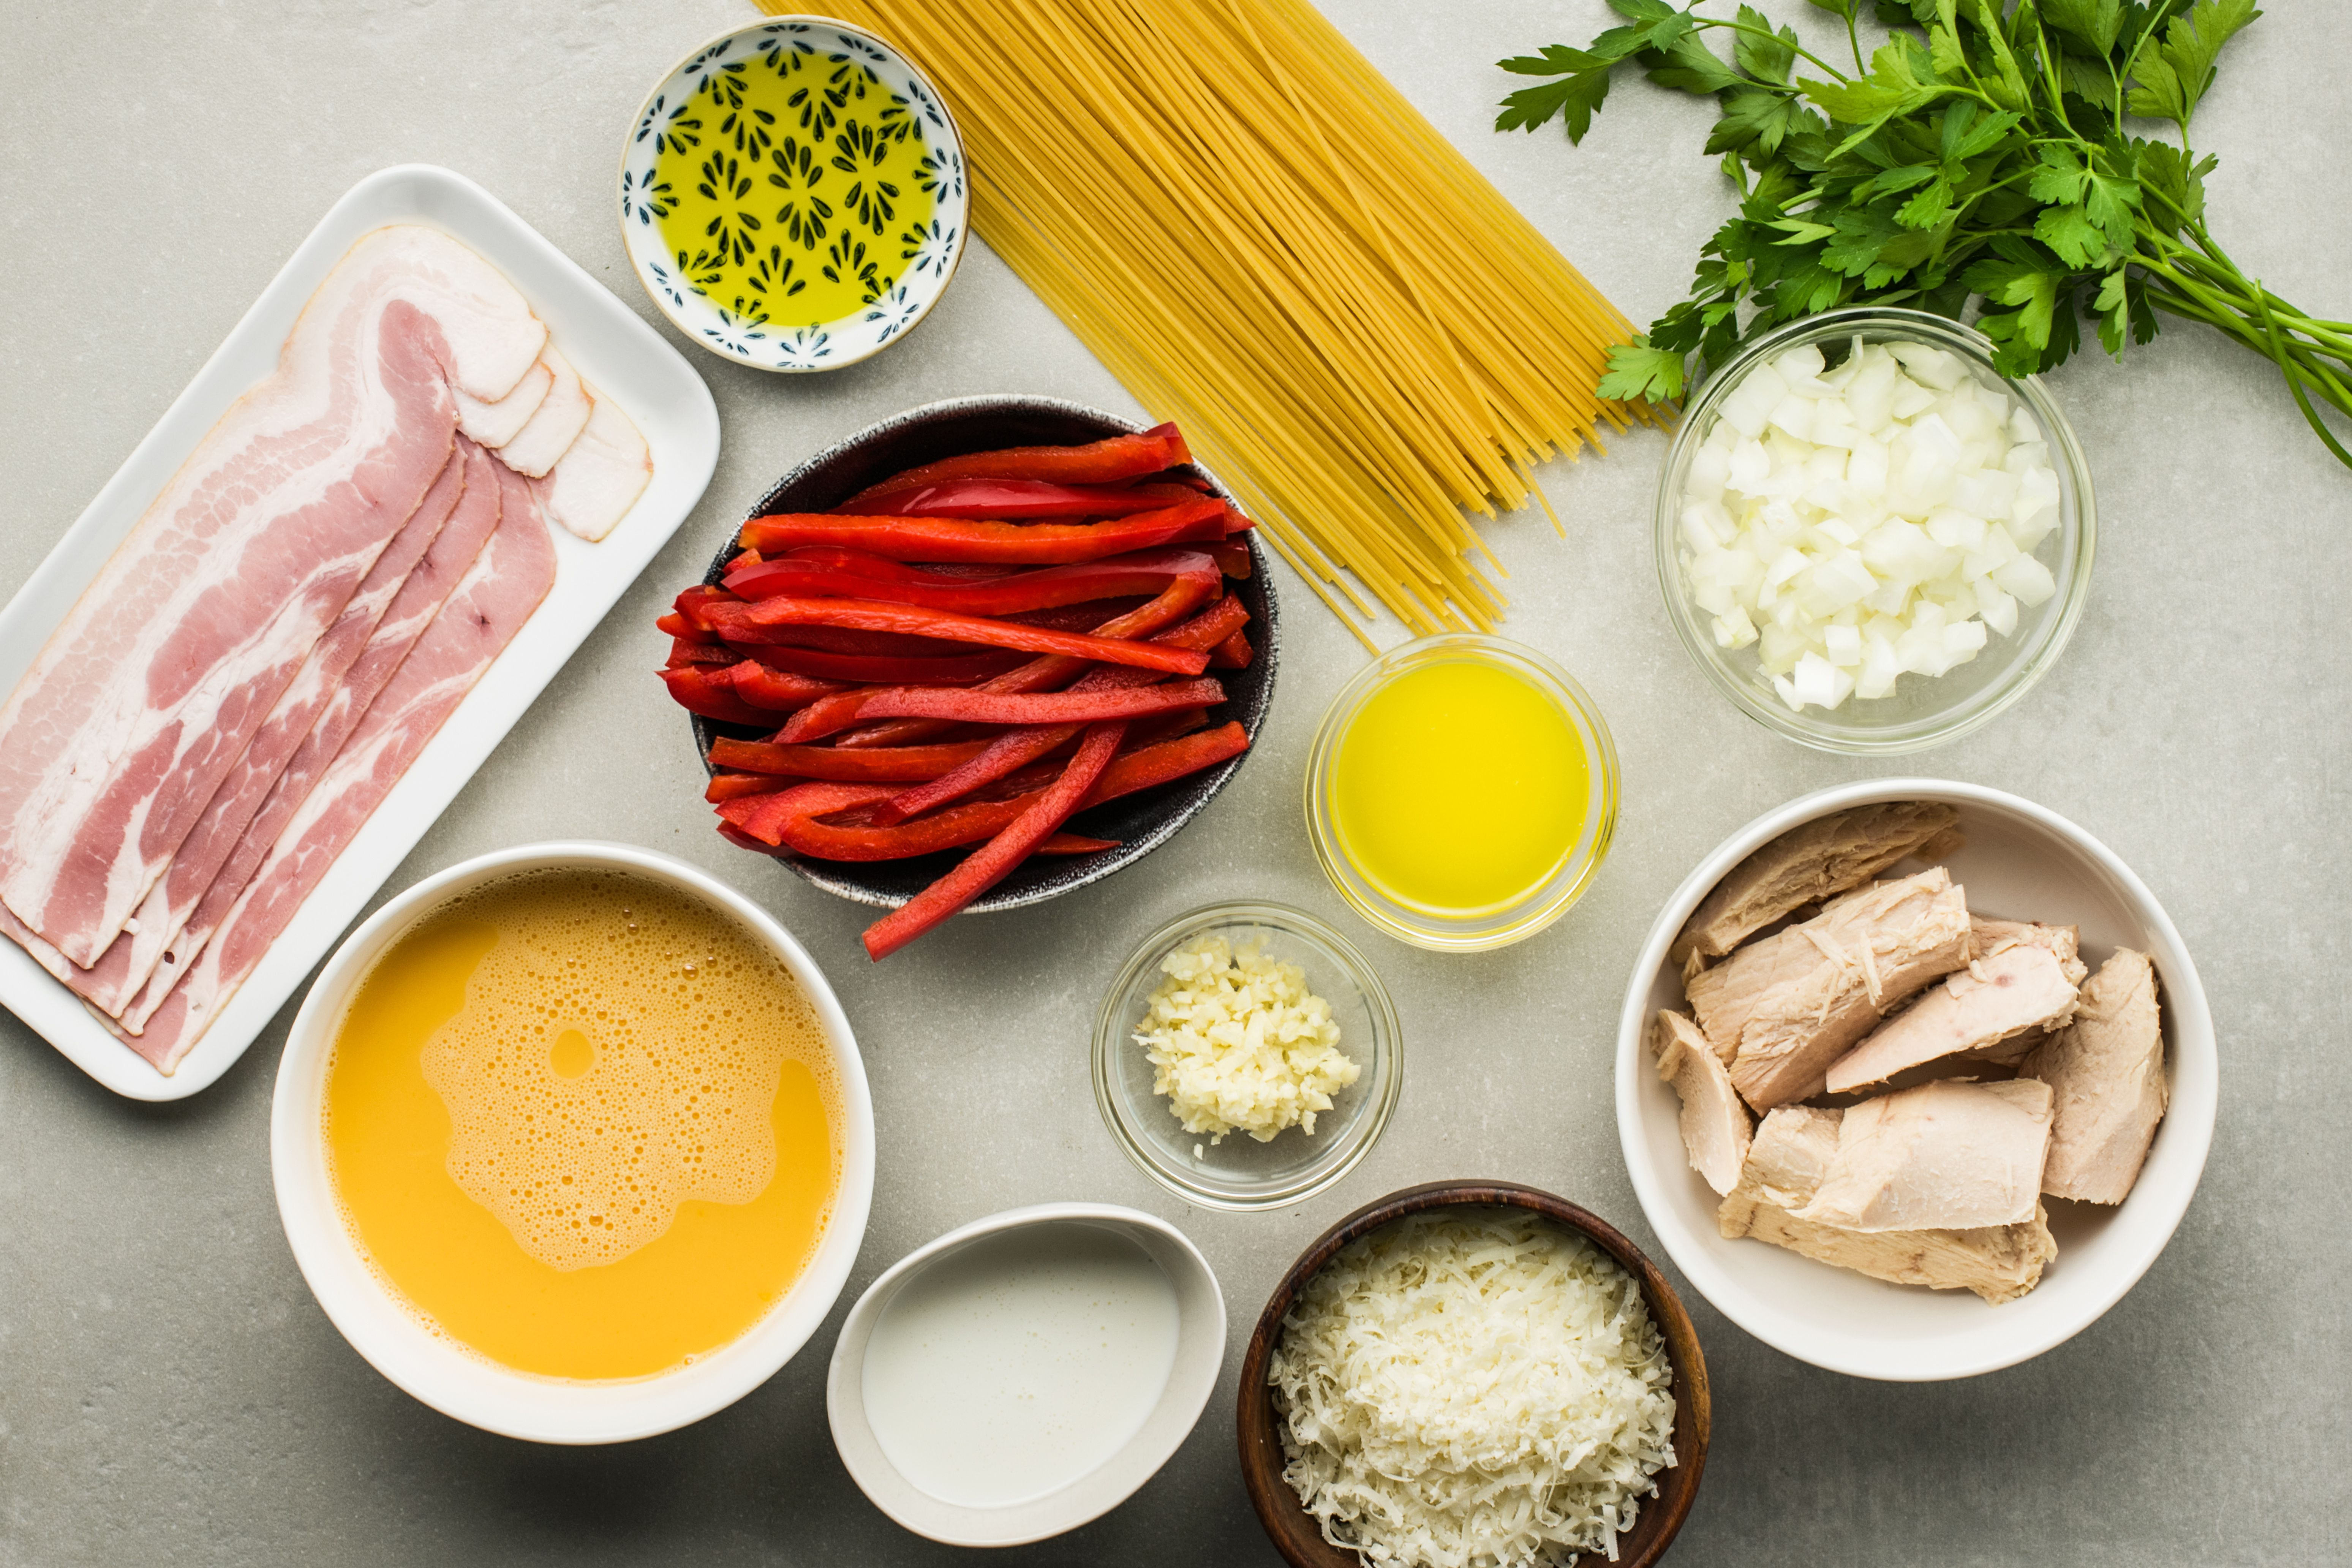 Turkey carbonara ingredients